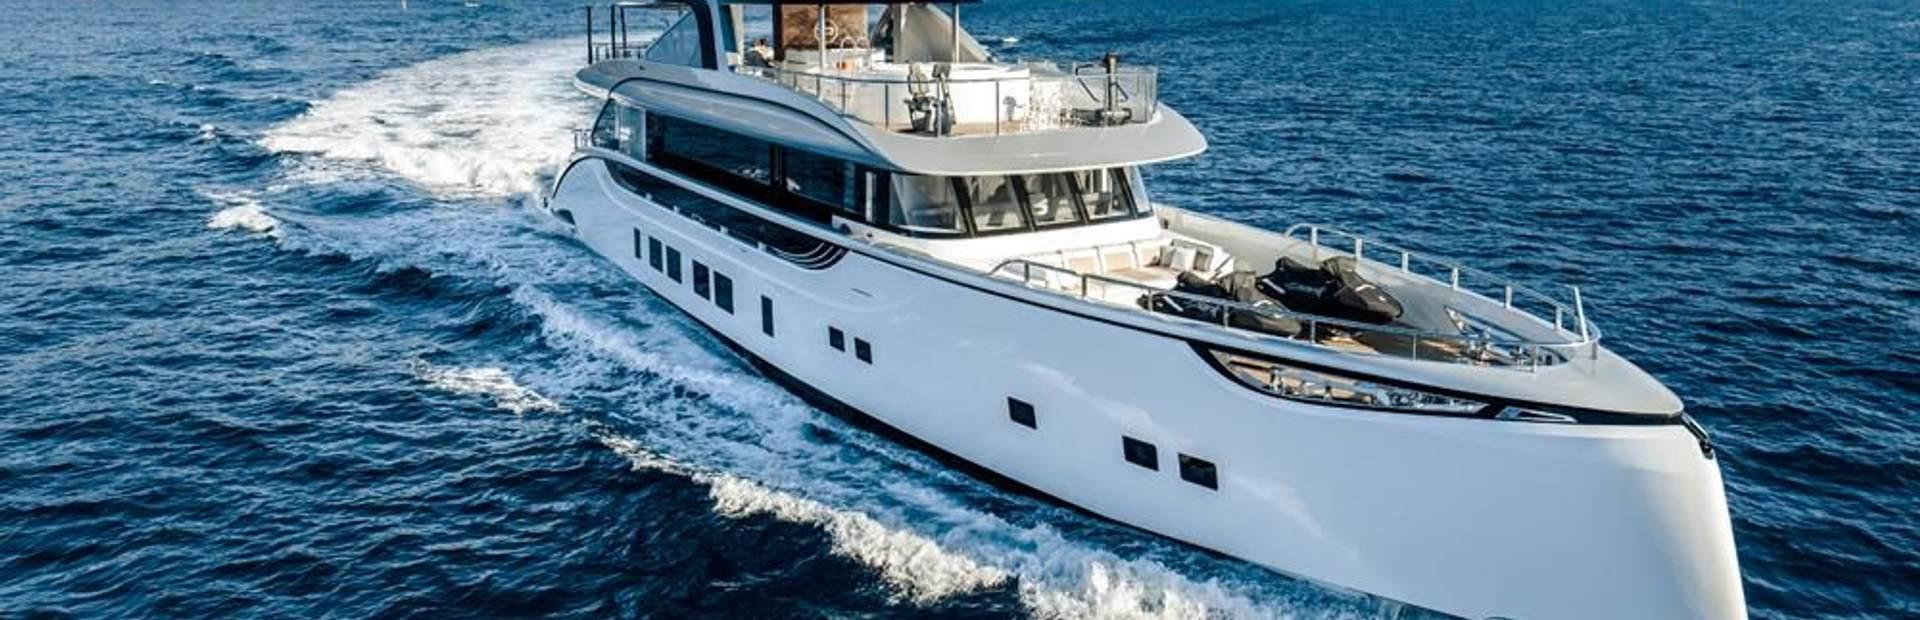 Dynamiq GTT 130 Yacht Charter